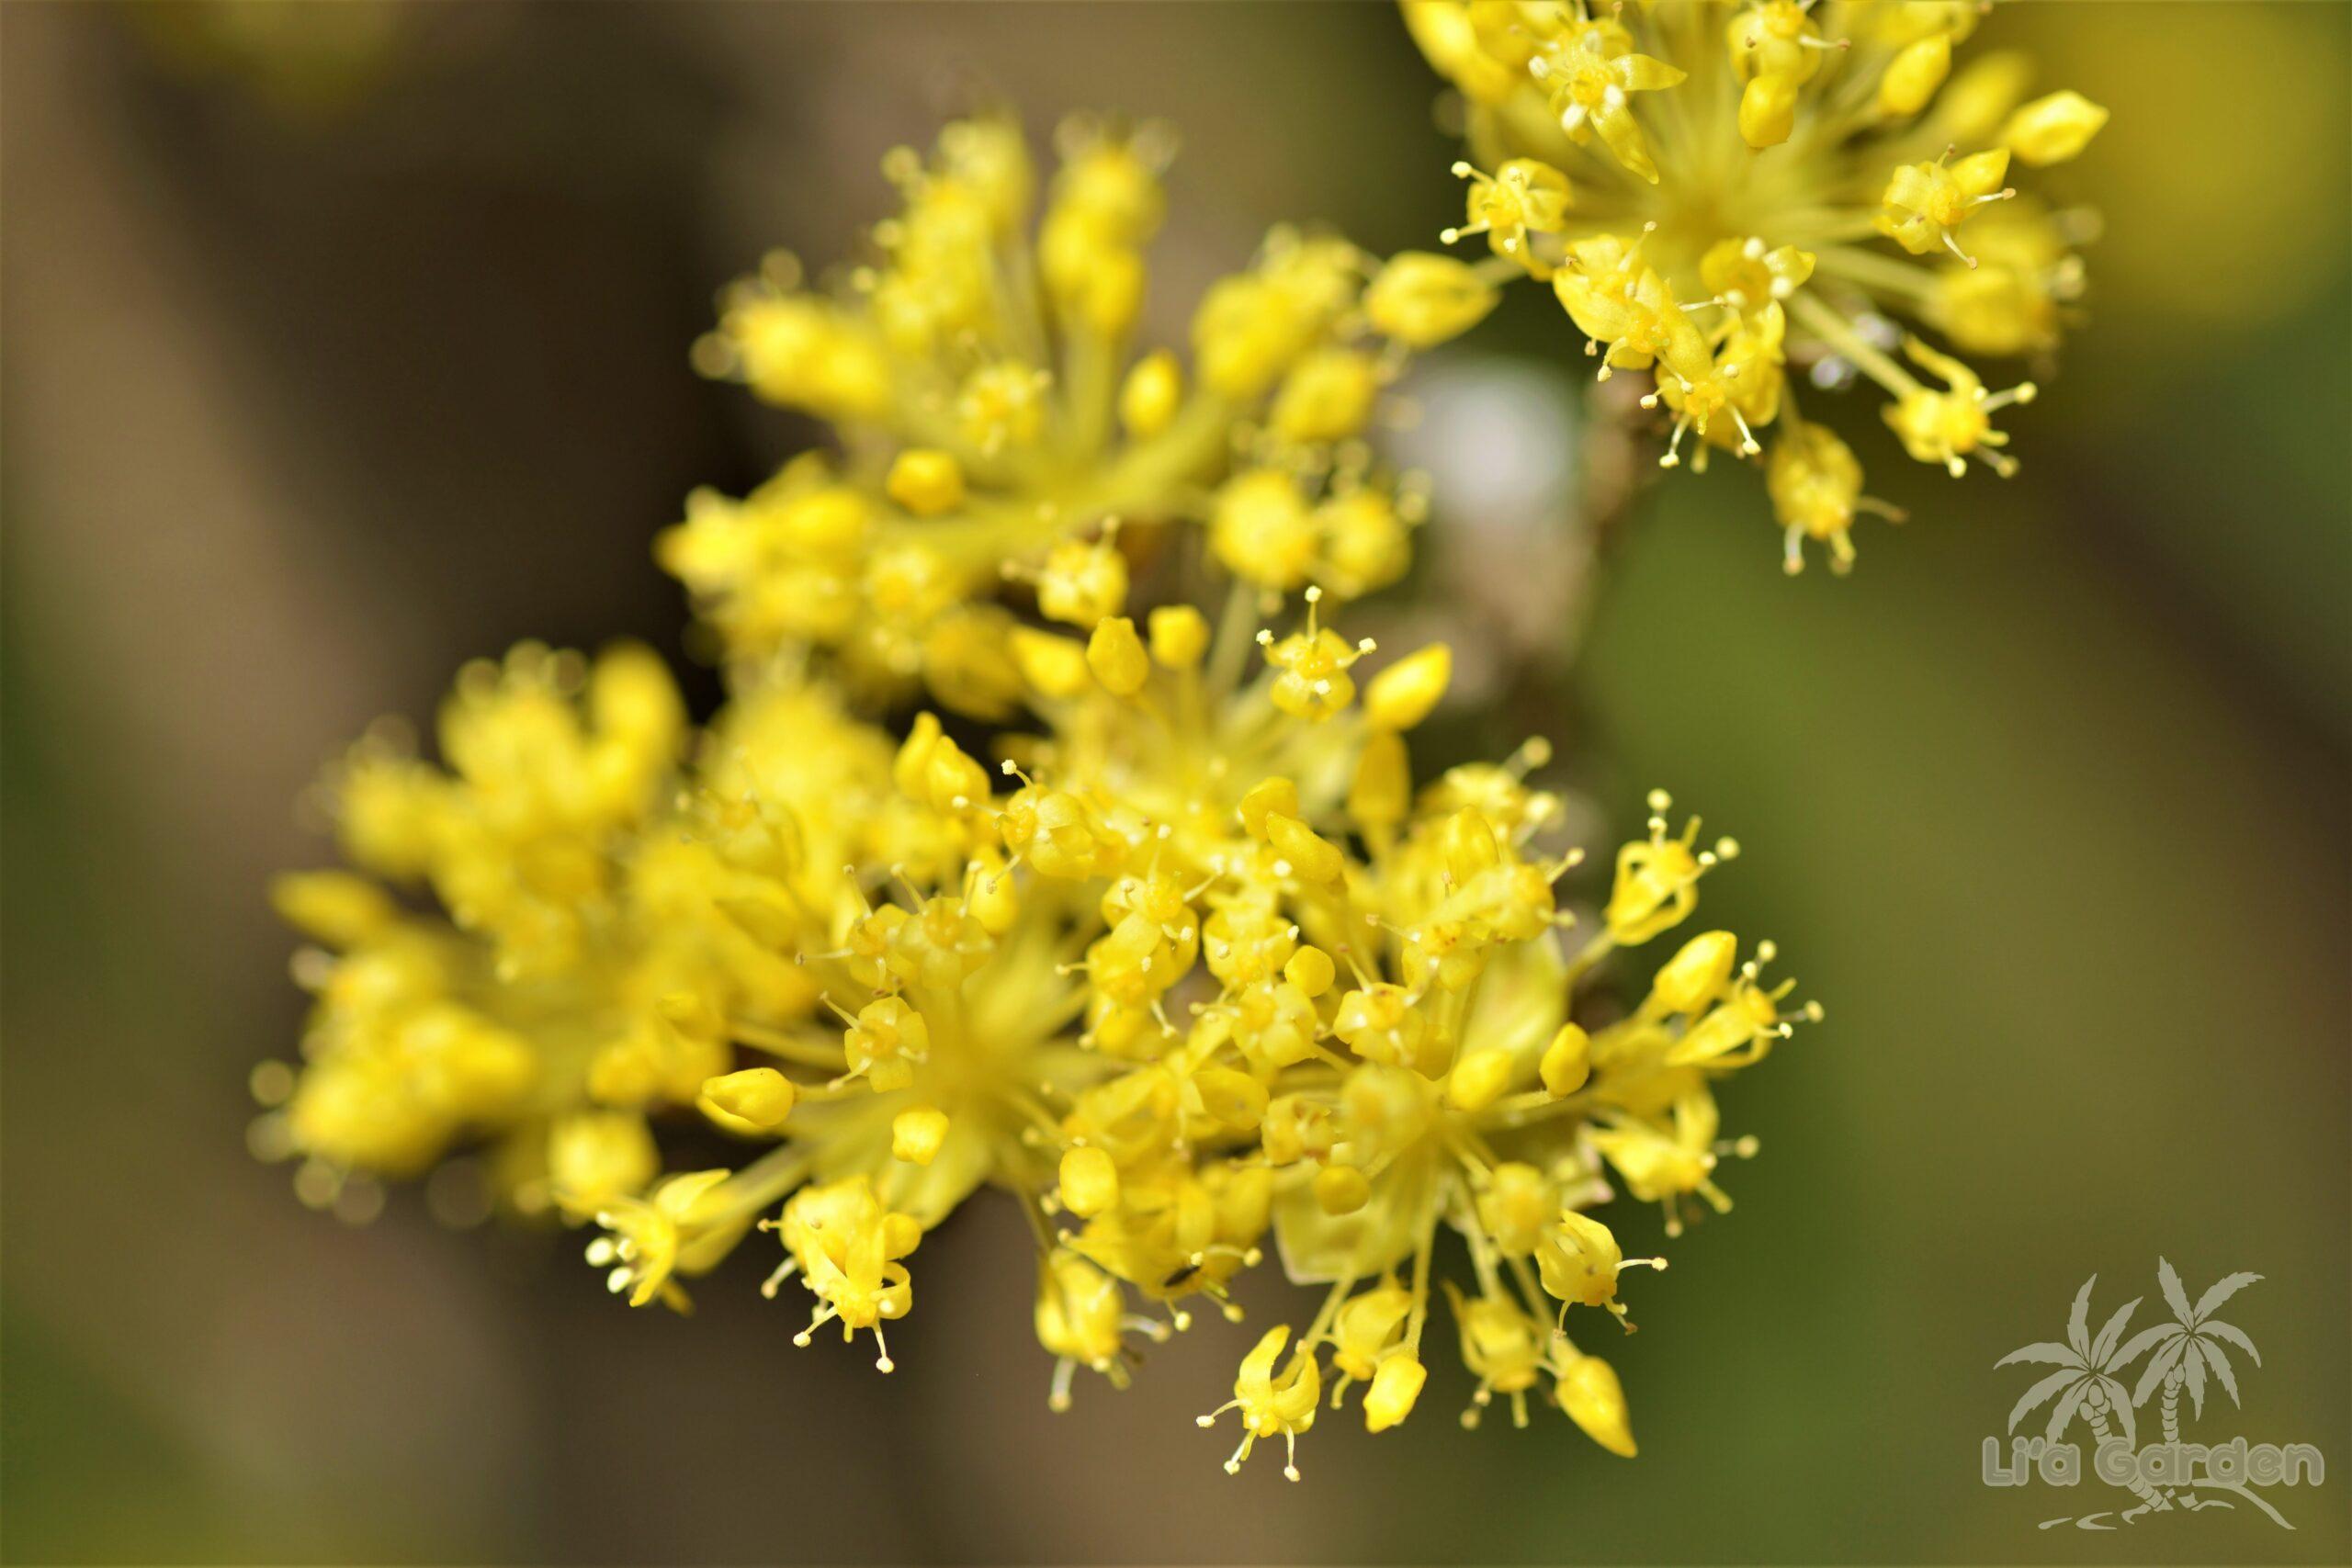 【メインツリー】 サンシュユ Cornus officinalis 〈落葉広葉樹〉